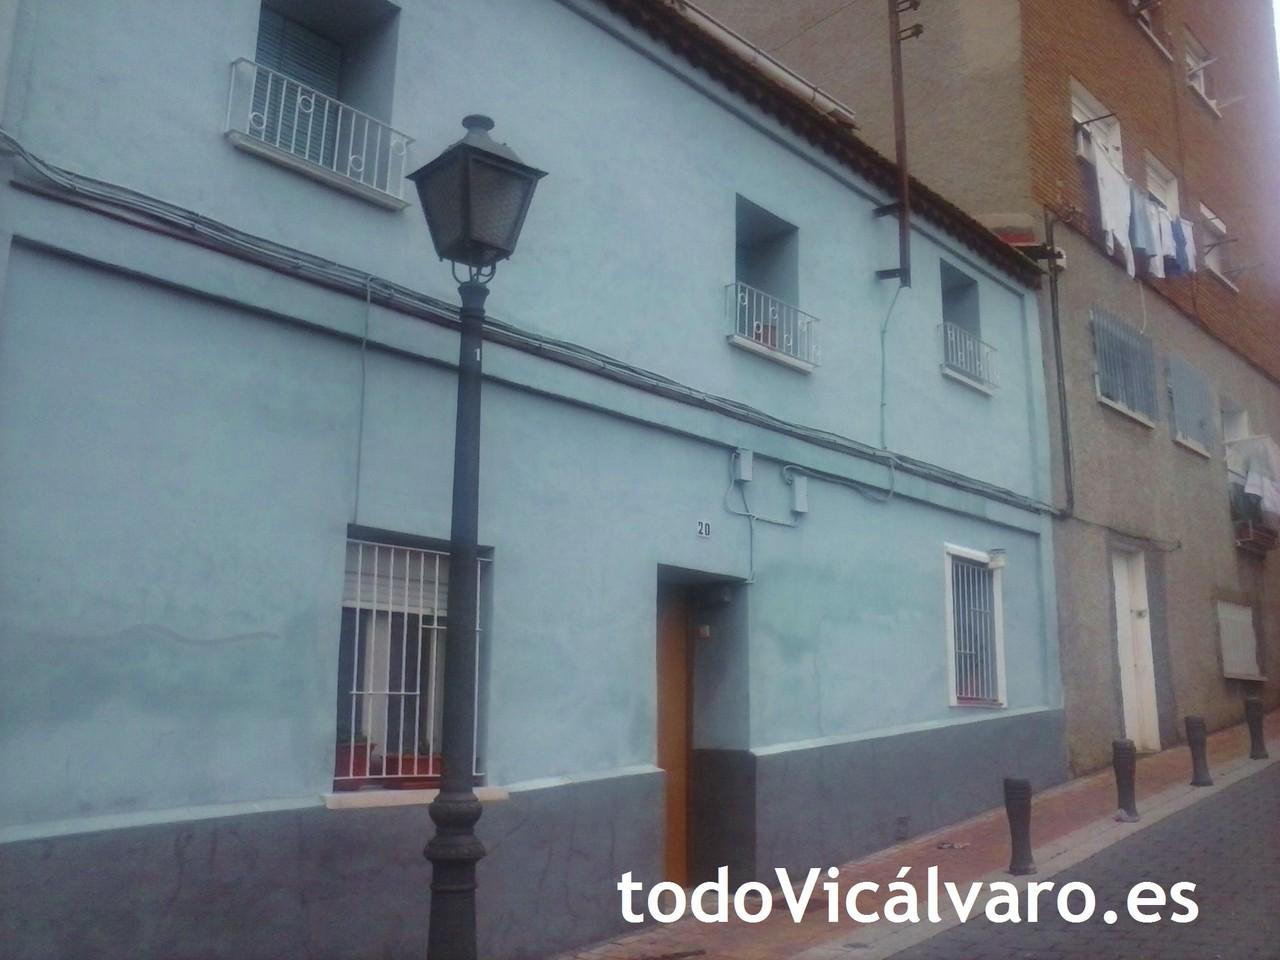 Calle Rincón de la Solana